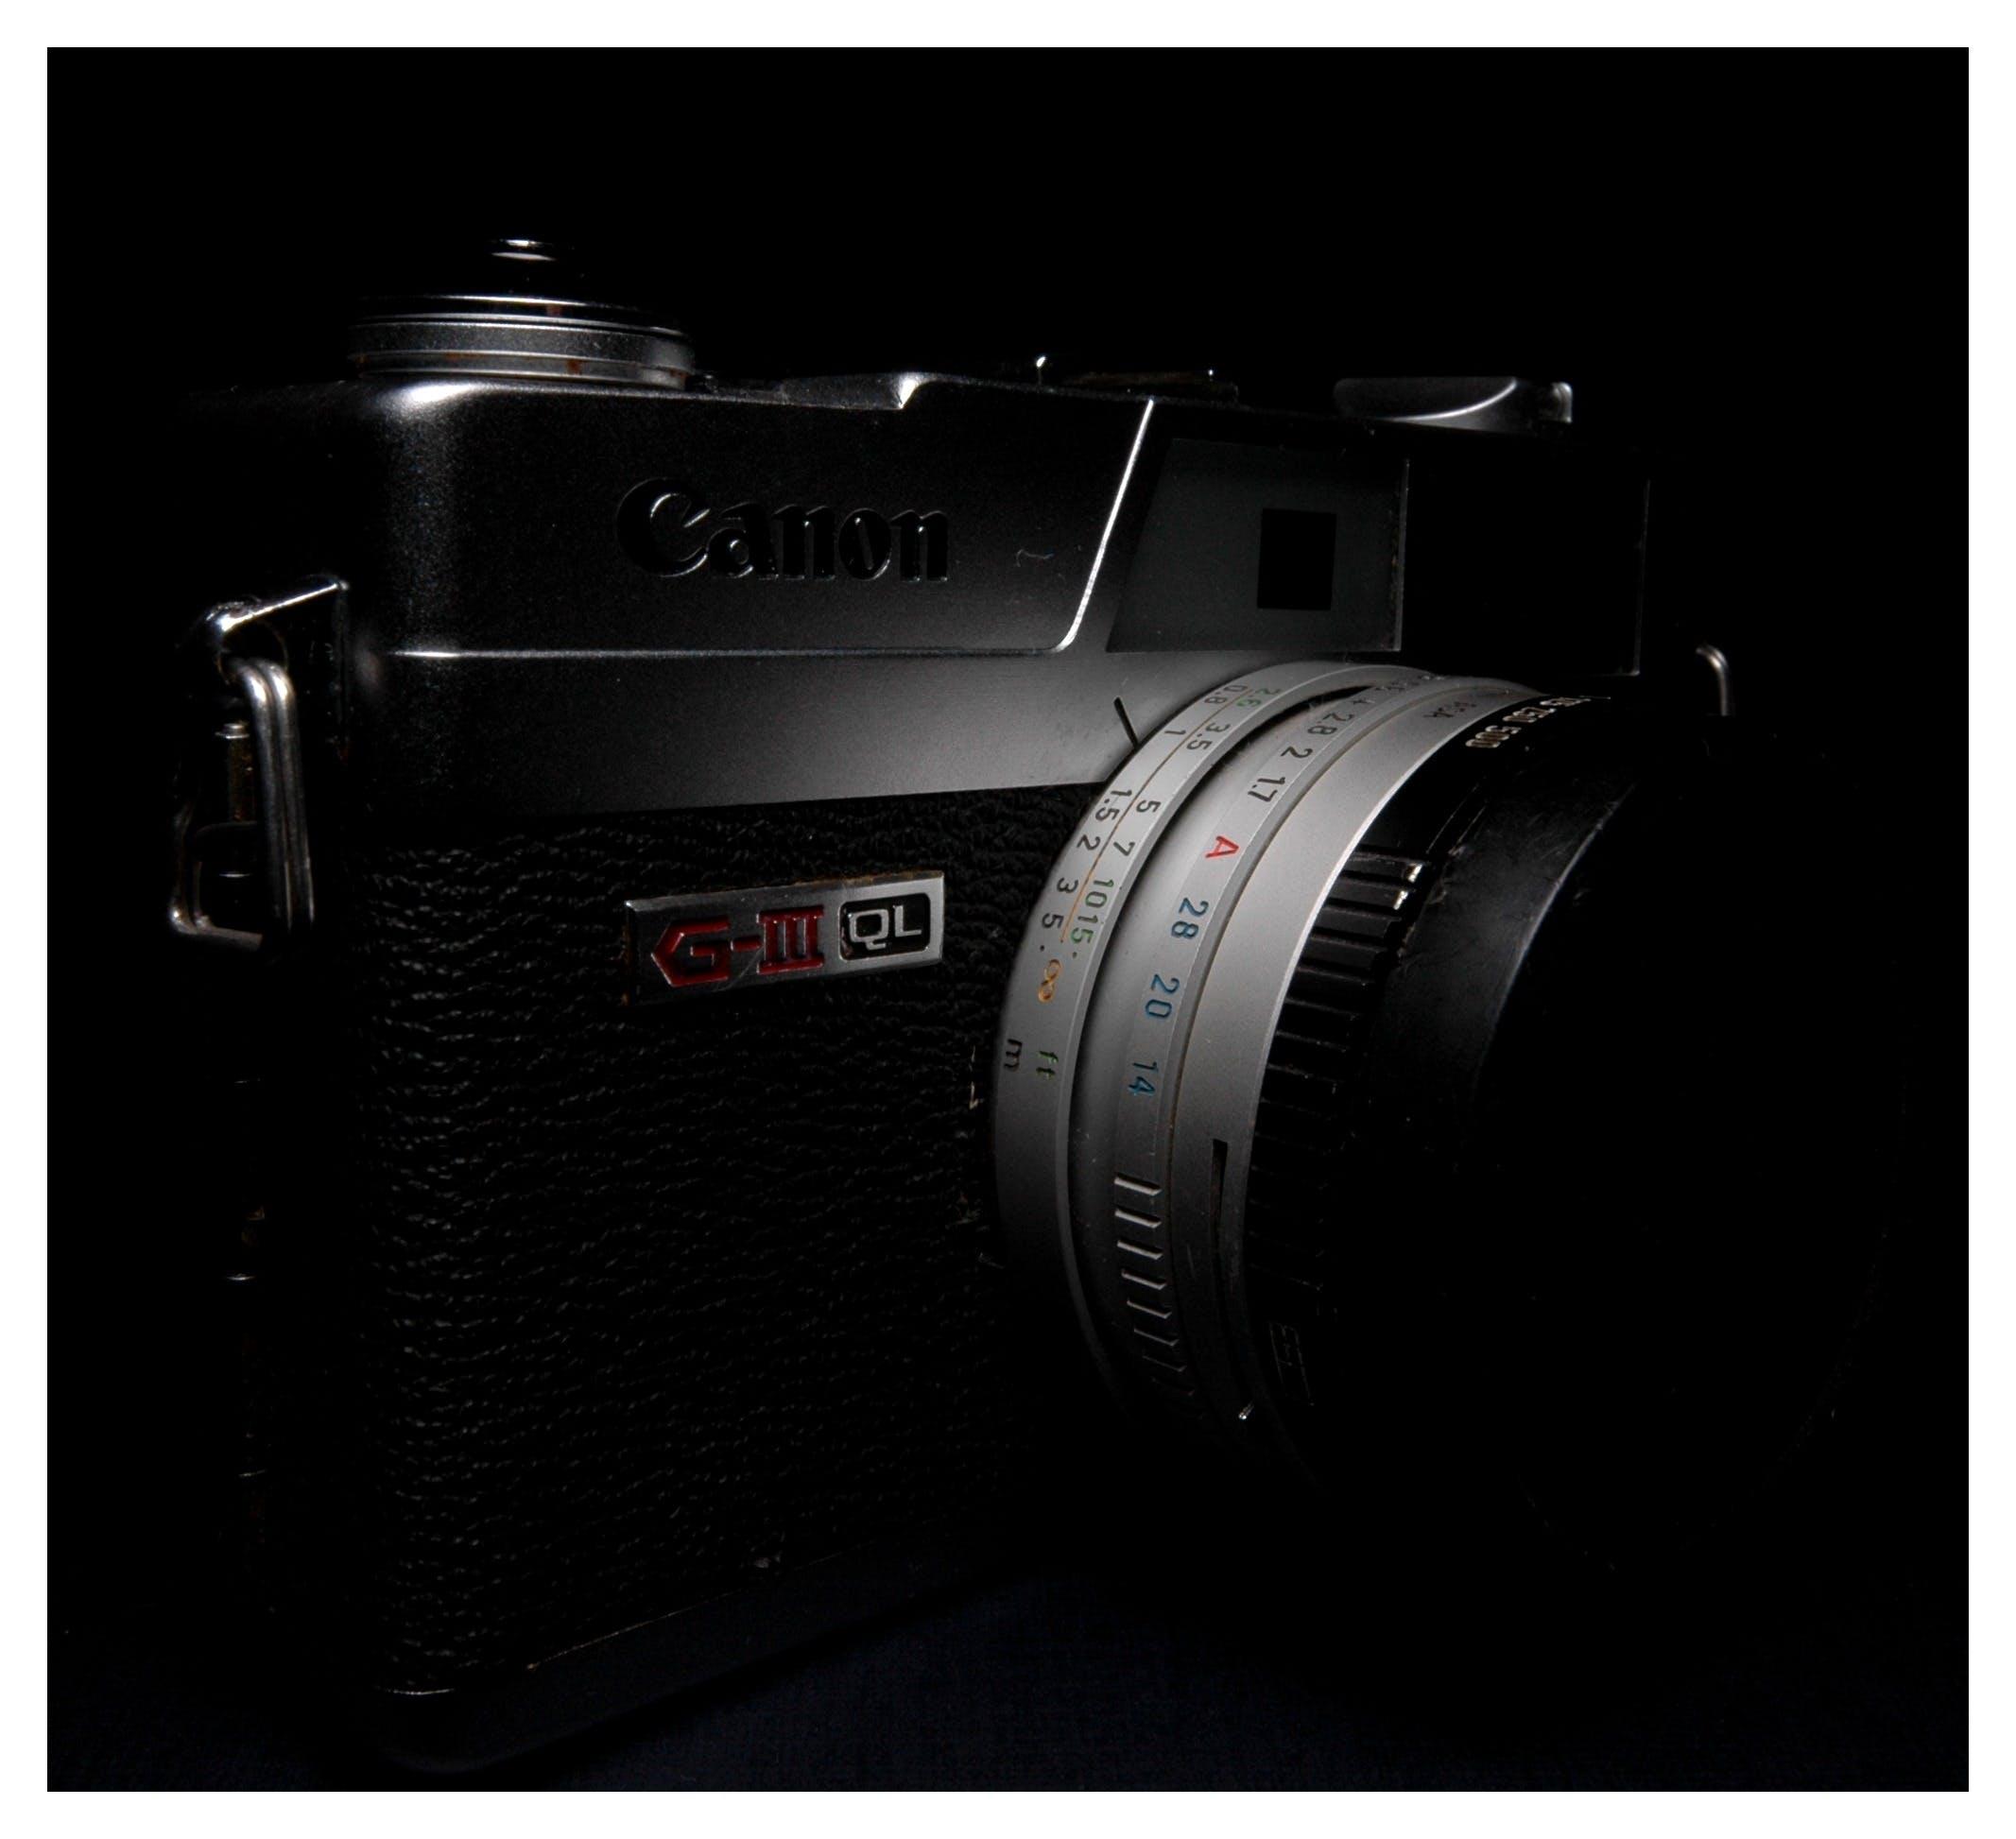 Silver Black Camera